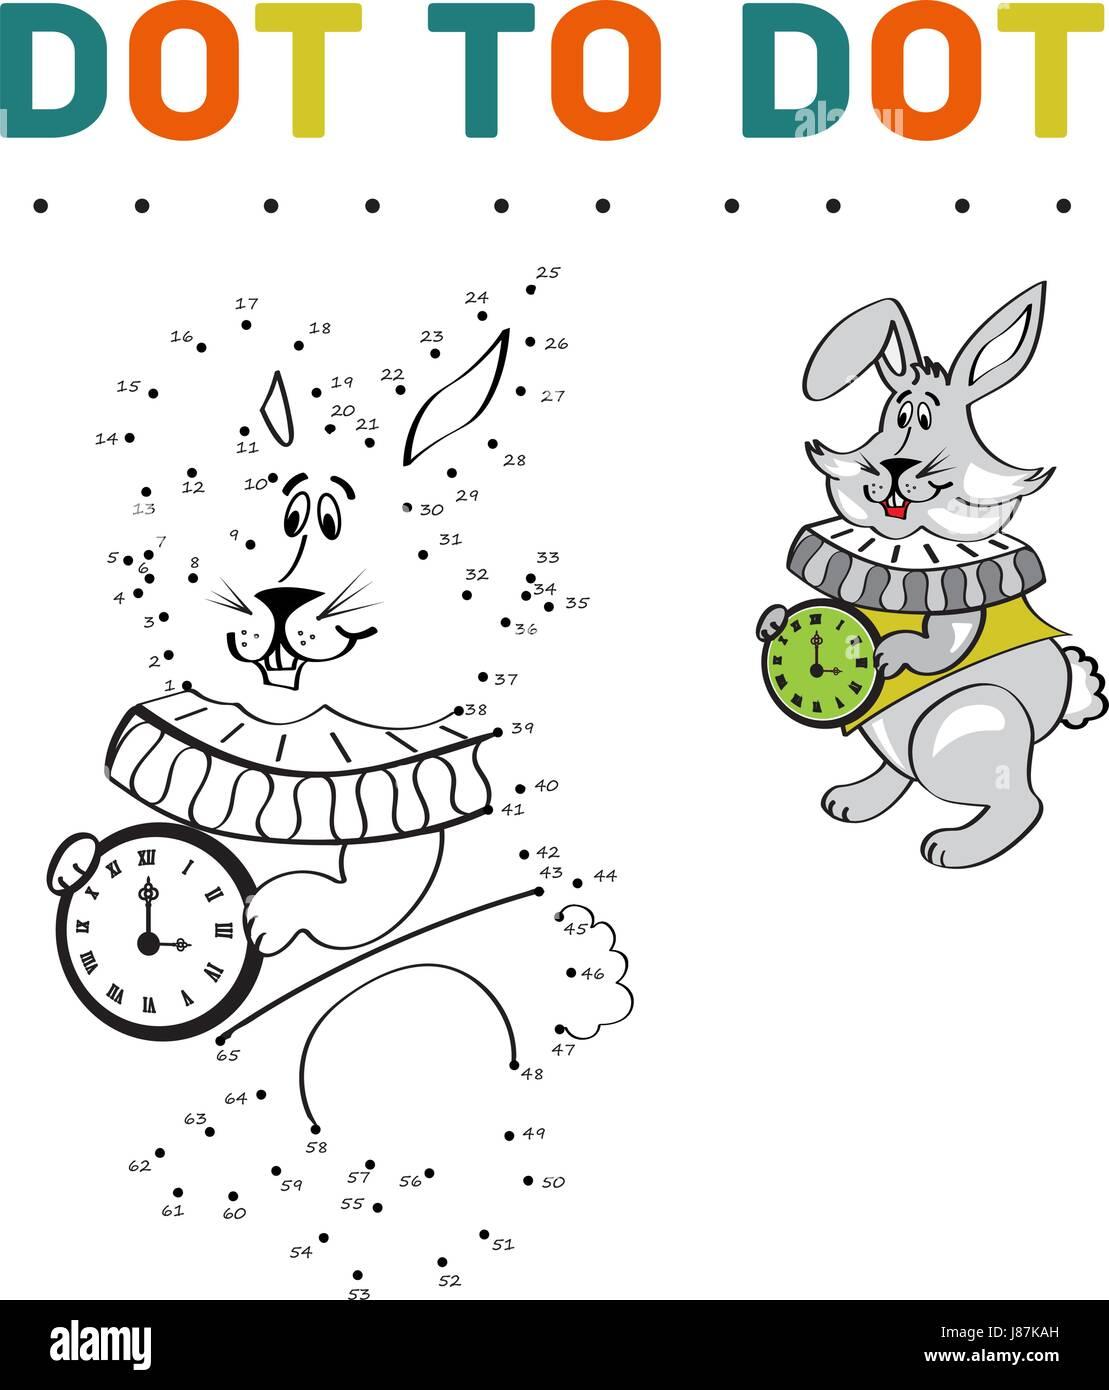 Brief-Labyrinth w. Dieses Arbeitsblatt hilft Kindern erkennen und ...